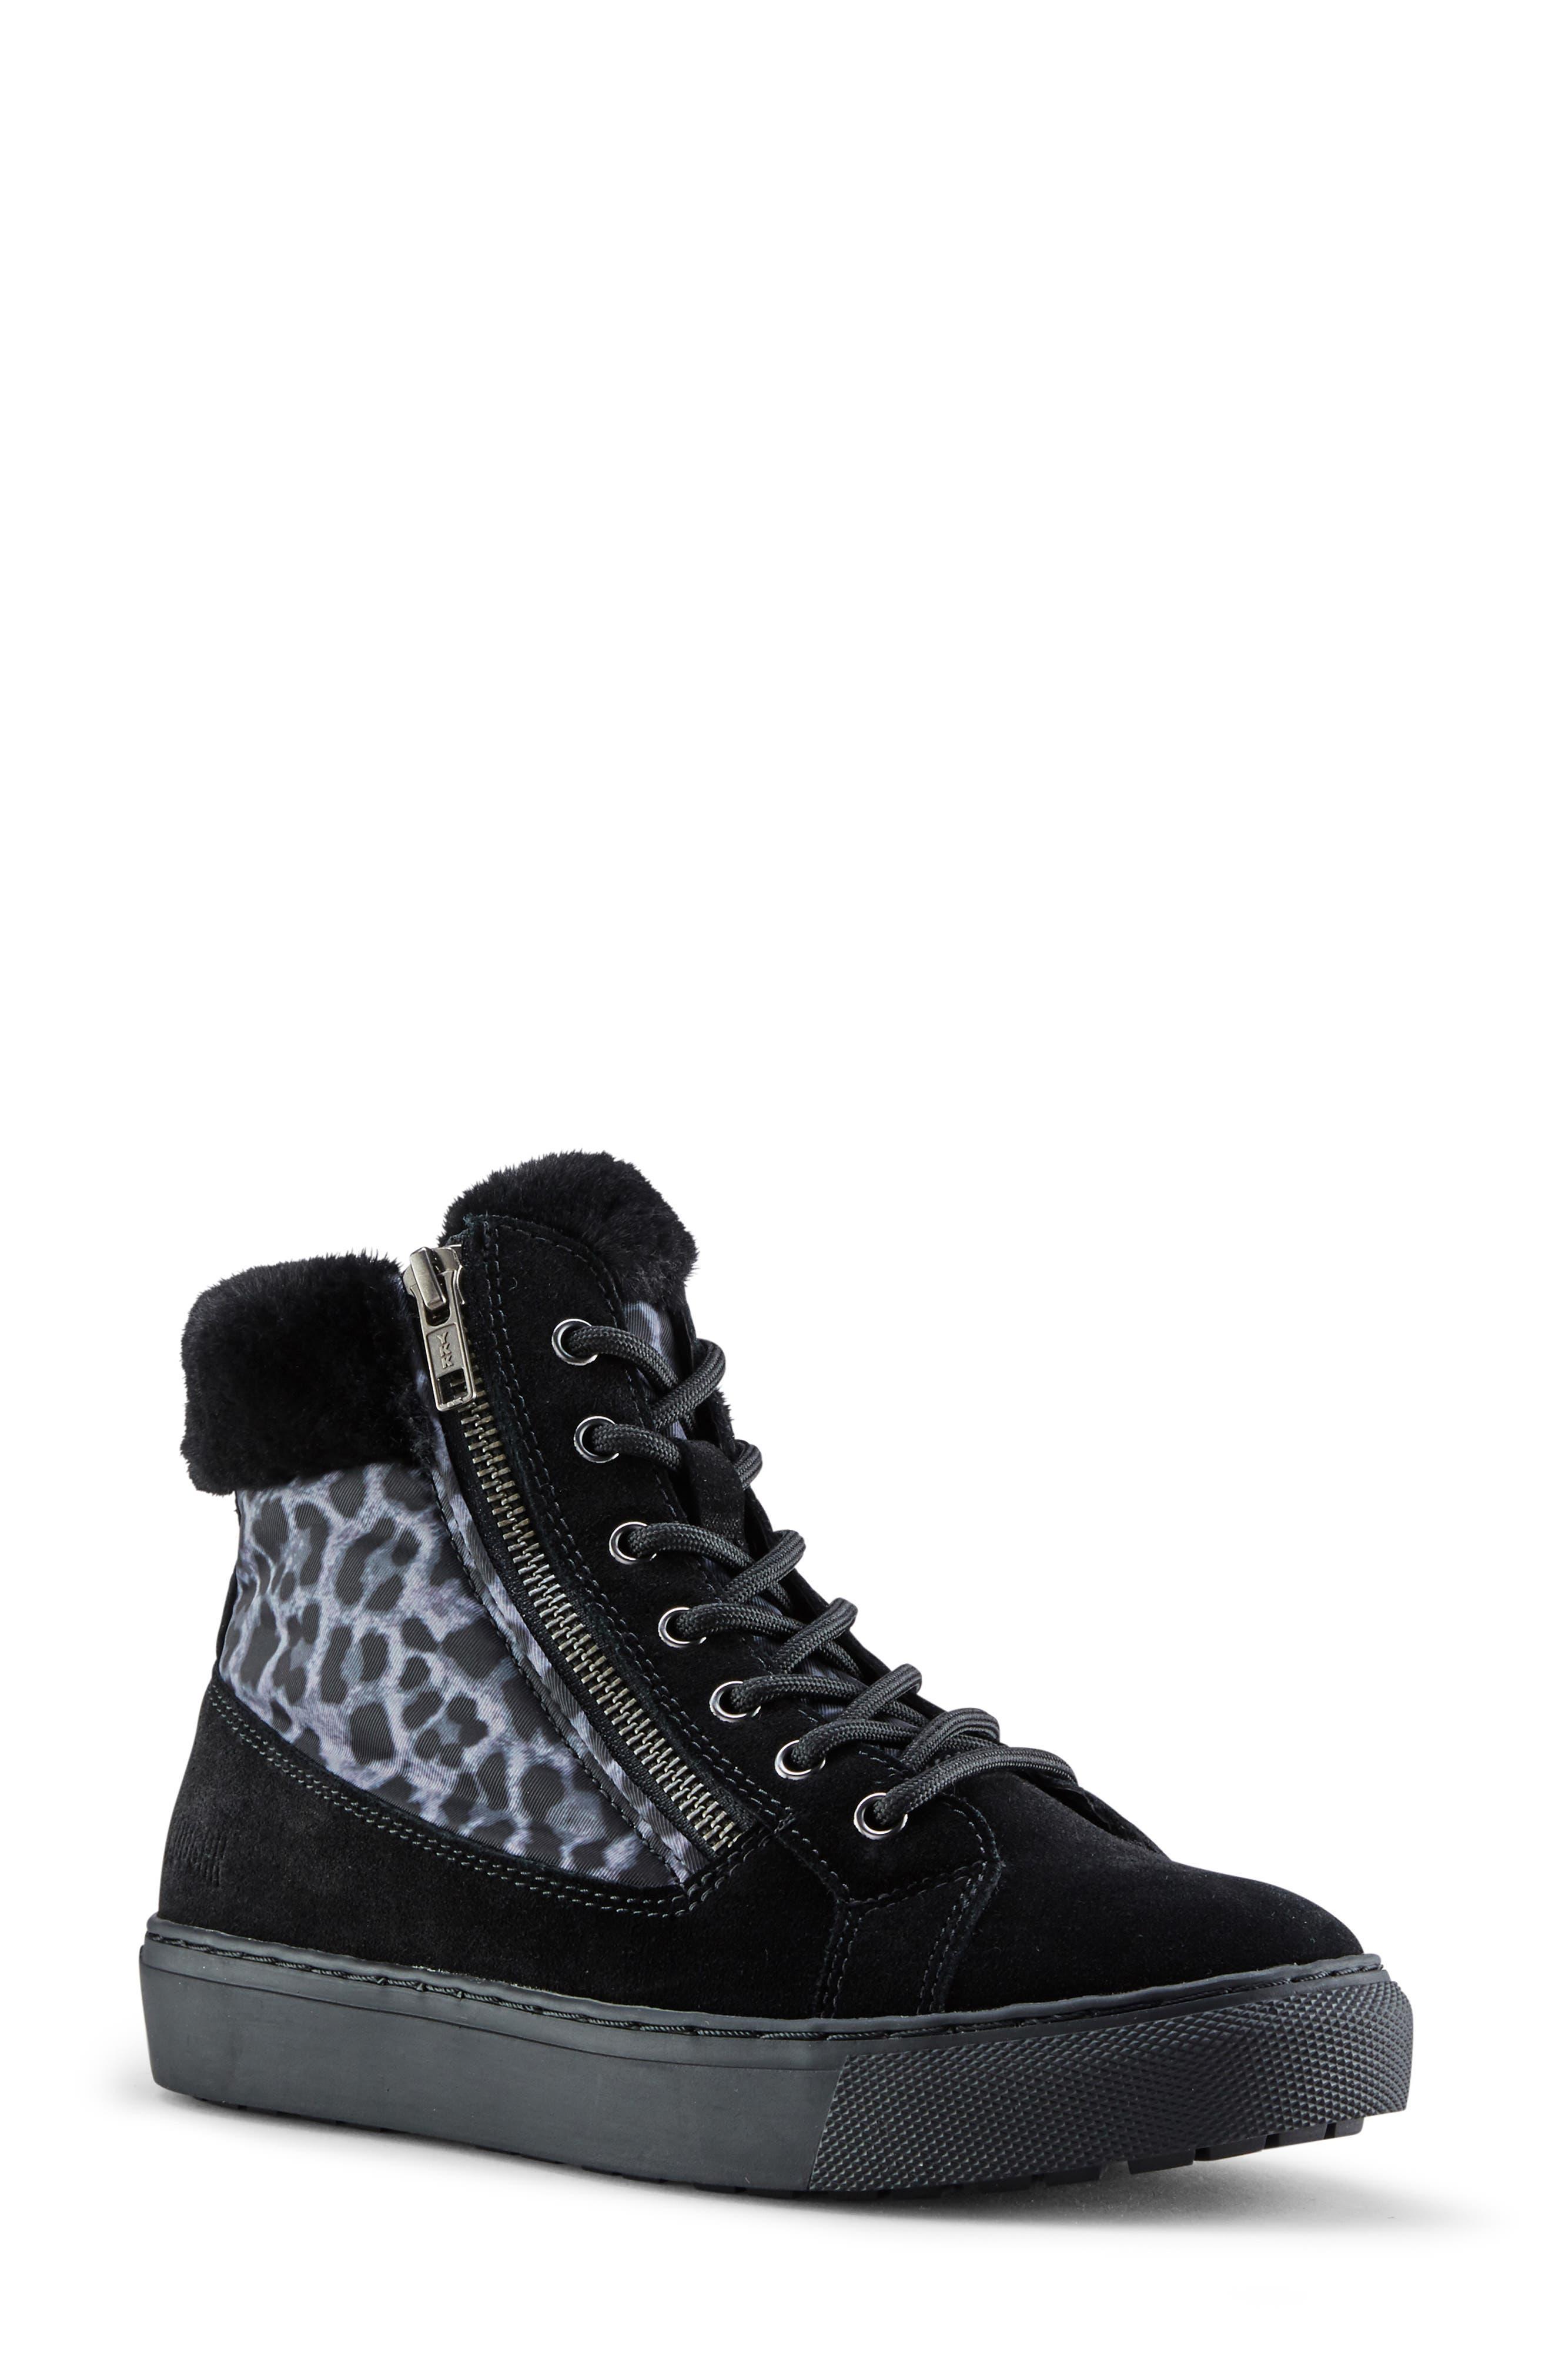 Image of Cougar Dublin Faux Fur Trim Sneaker